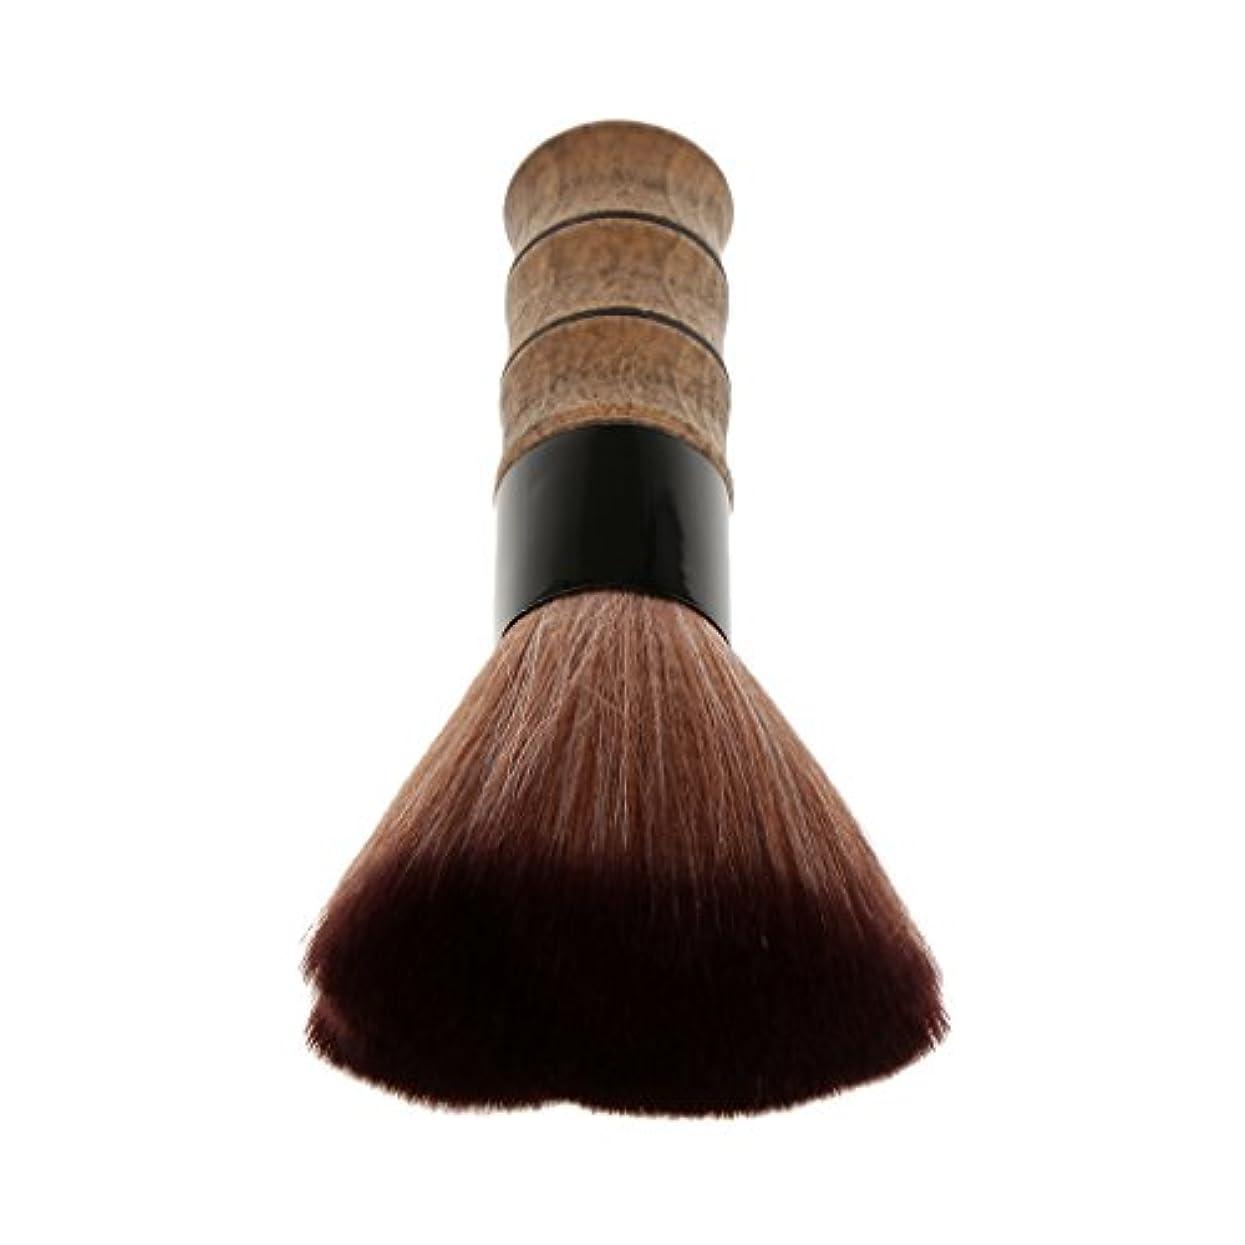 道徳教育野生発疹シェービングブラシ 洗顔 美容ブラシ メイクブラシ ソフトファイバー 竹ハンドル シェービング ブラシ スキンケア メイクアップ 2色選べる - 褐色